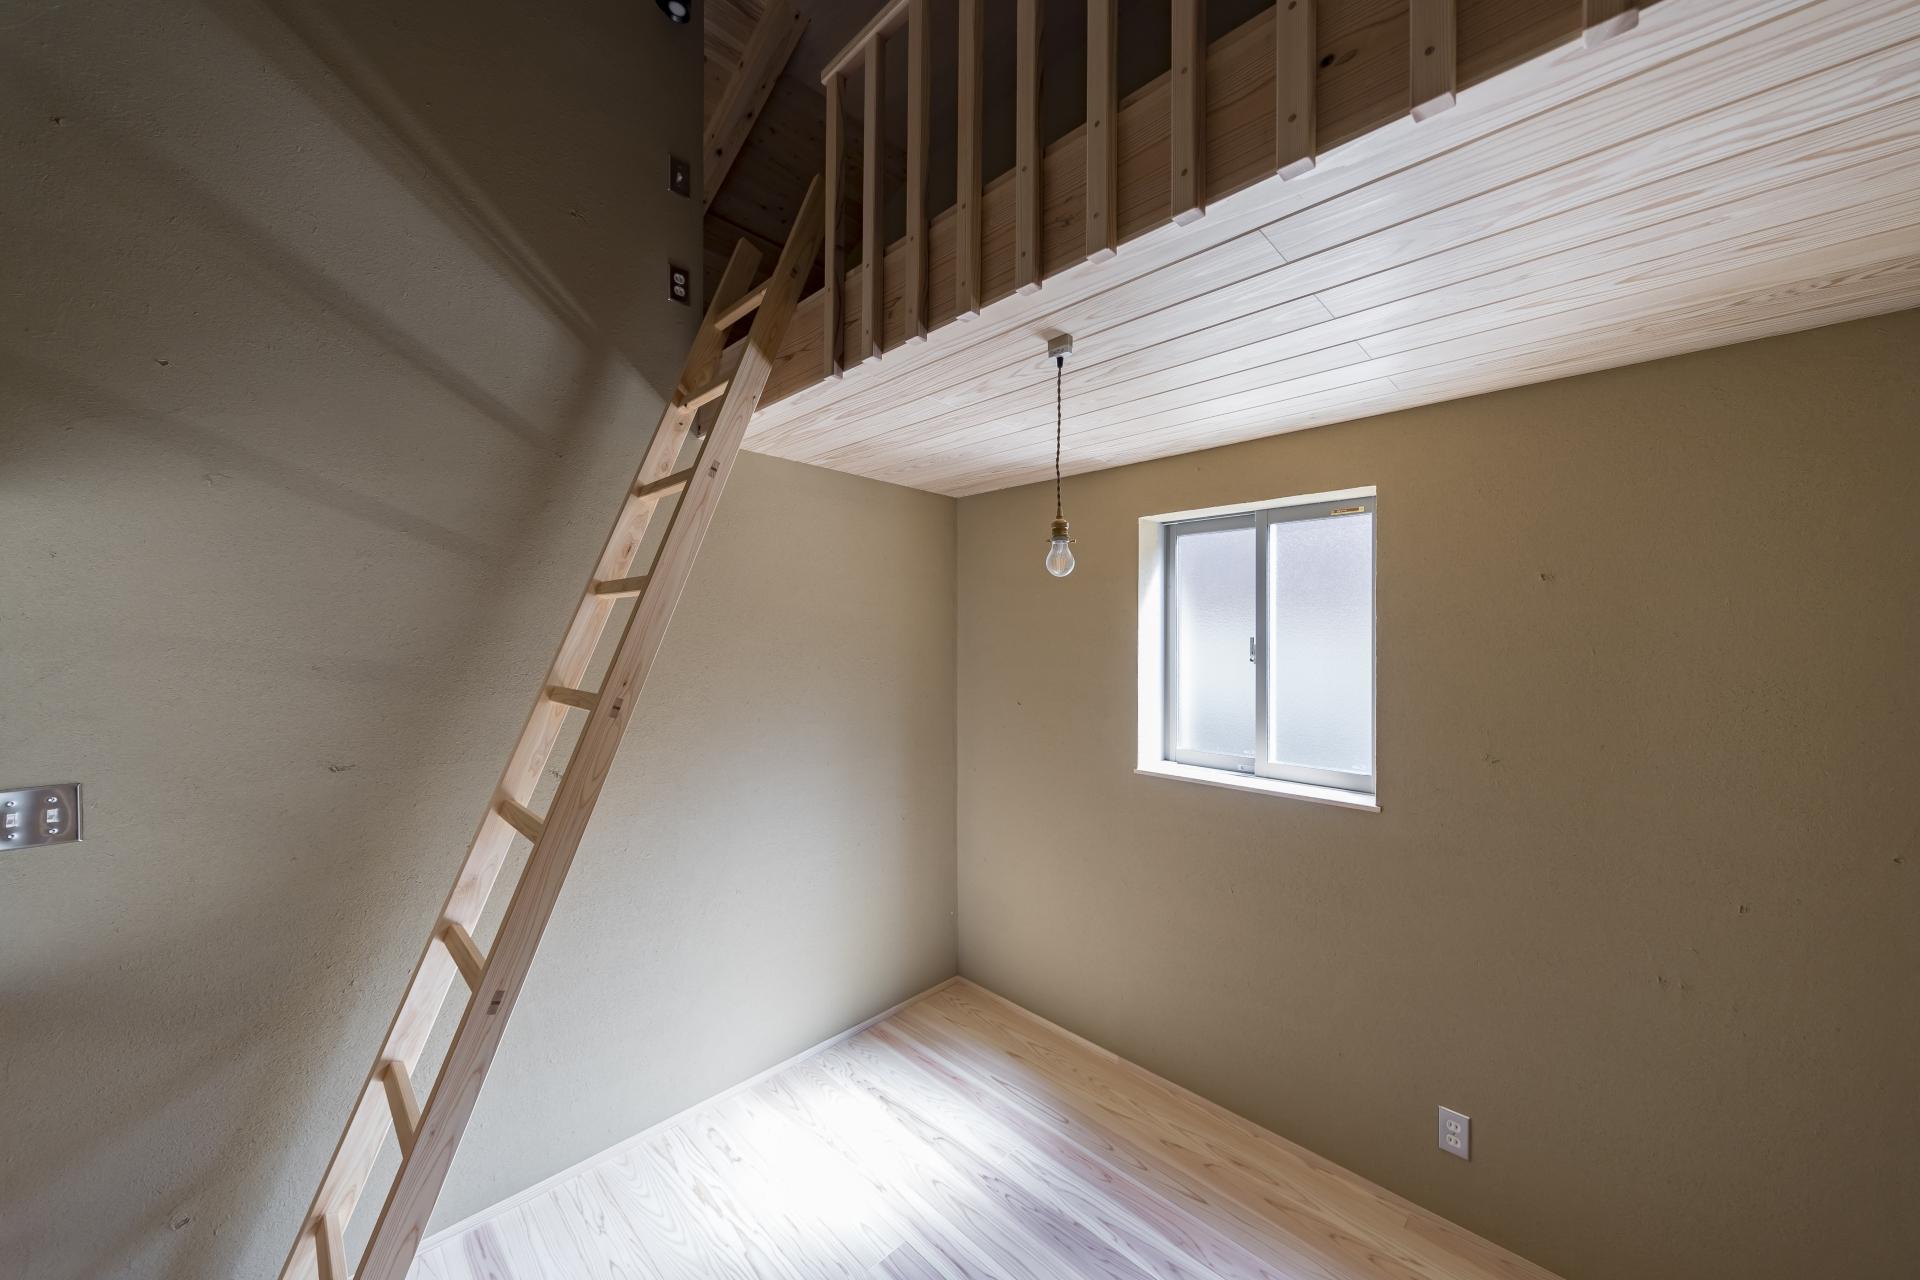 WOODLIFE style 丸守木材【子育て、自然素材、平屋】コンパクトな子供部屋にはロフトを設けた。小さいうちは秘密基地、成長したら寝室や物置にと用途を変化できるのもロフトの良いところ。茶室のようなイメージの土壁